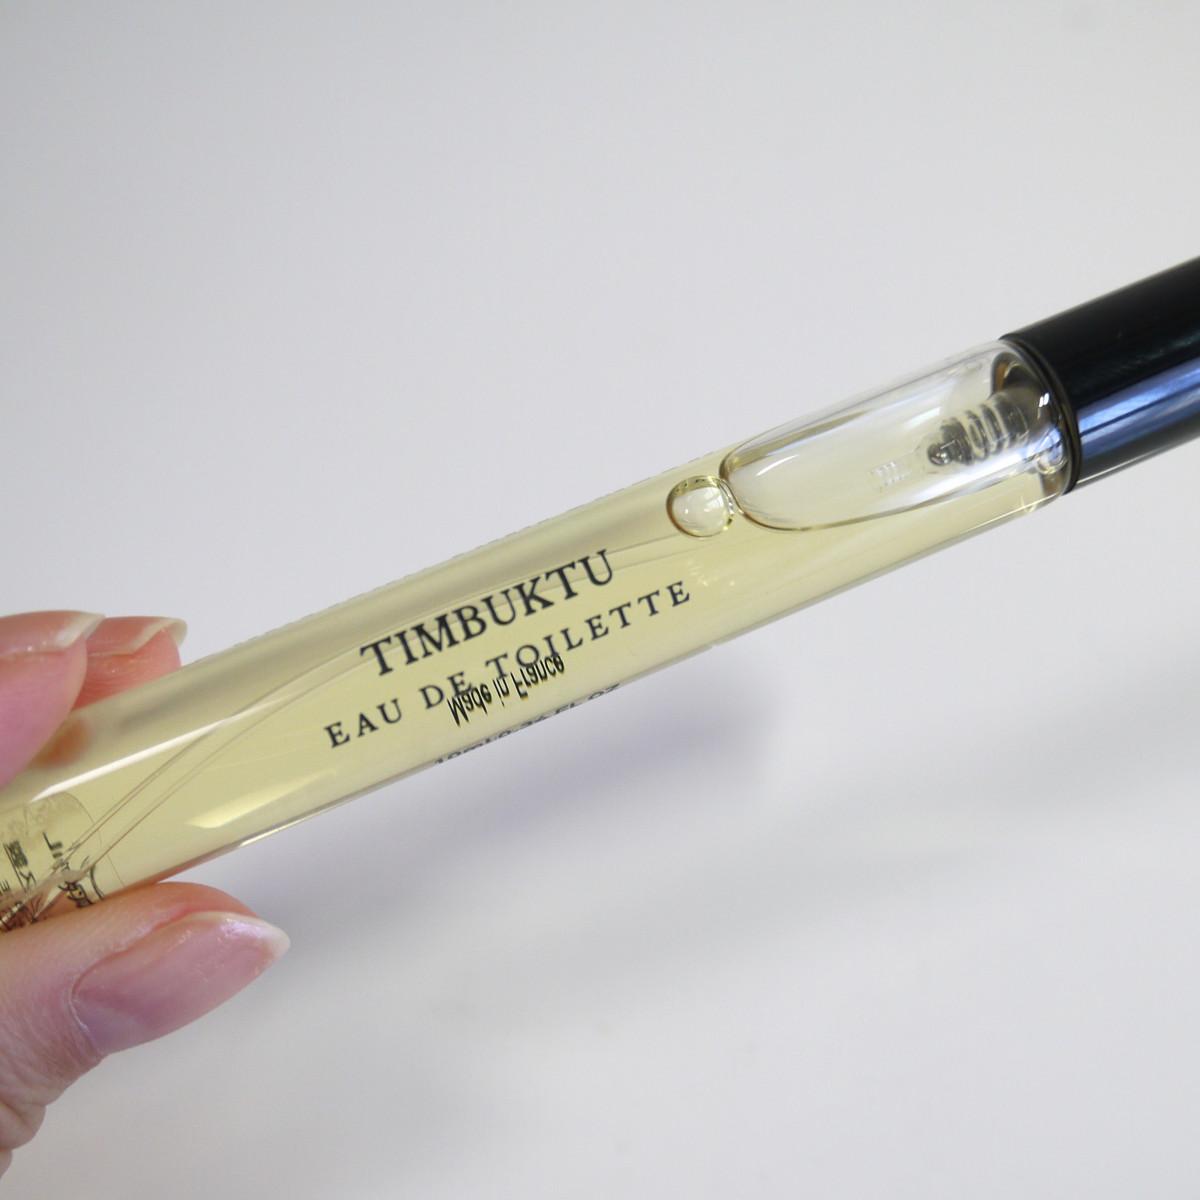 5つの香りを楽しめる限定セット*ラルチザン ディスカバリーセット_1_3